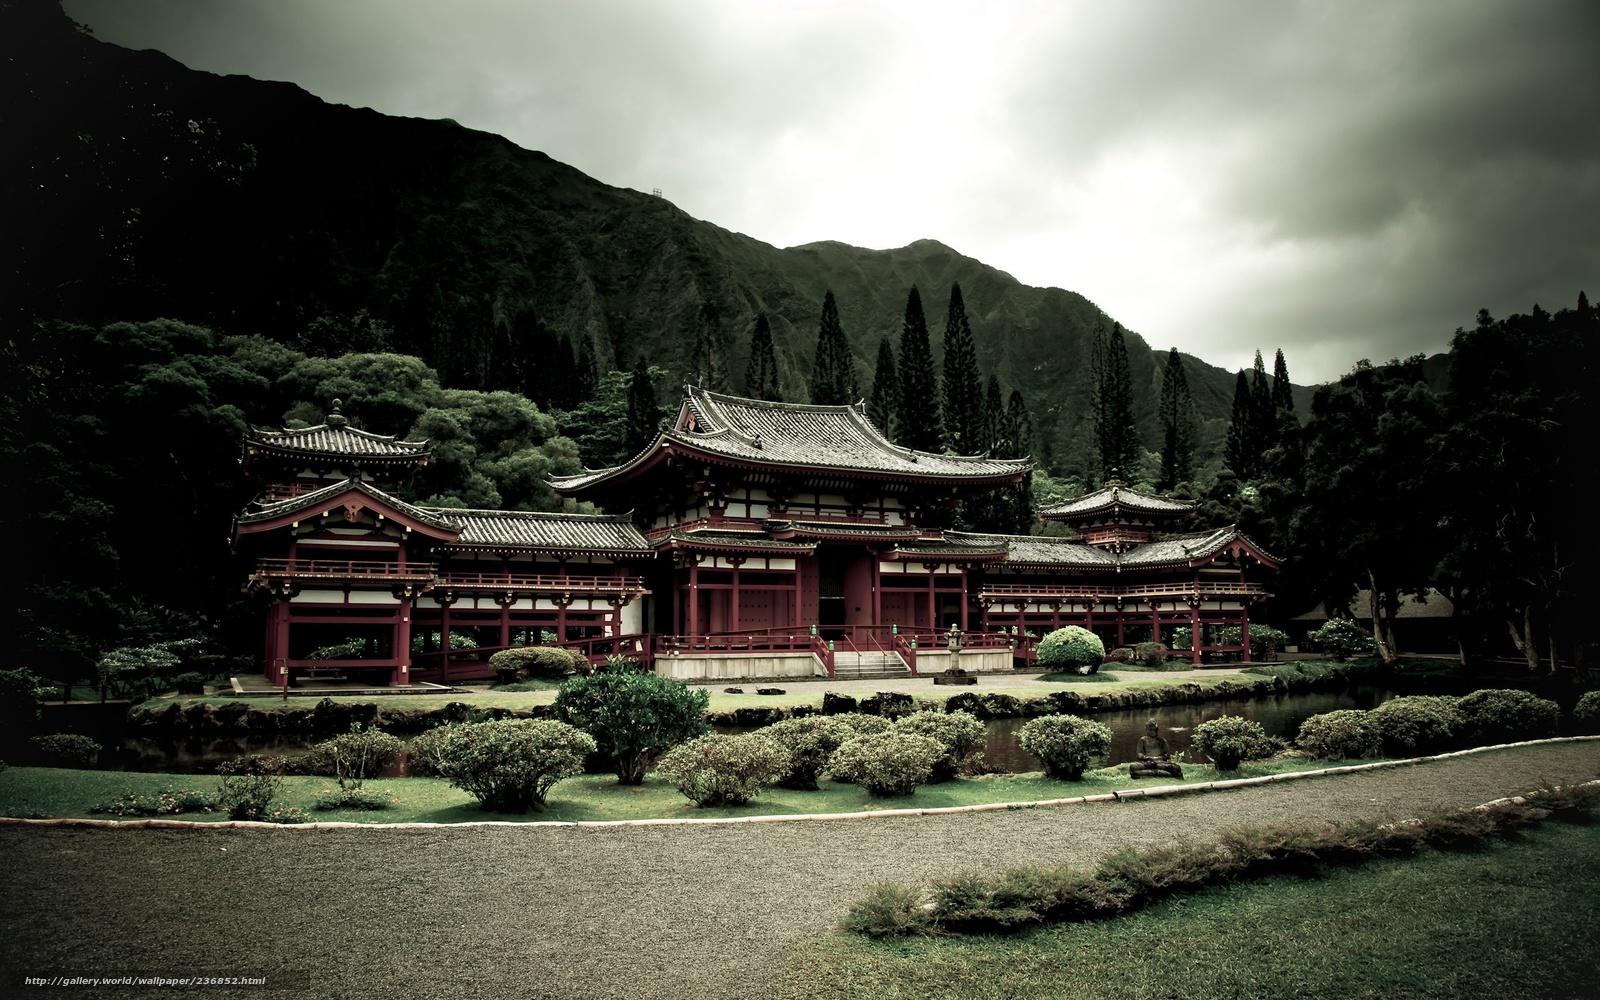 Скачать обои храм,   пагода,   горы,   лес бесплатно для рабочего стола в разрешении 2560x1600 — картинка №236852